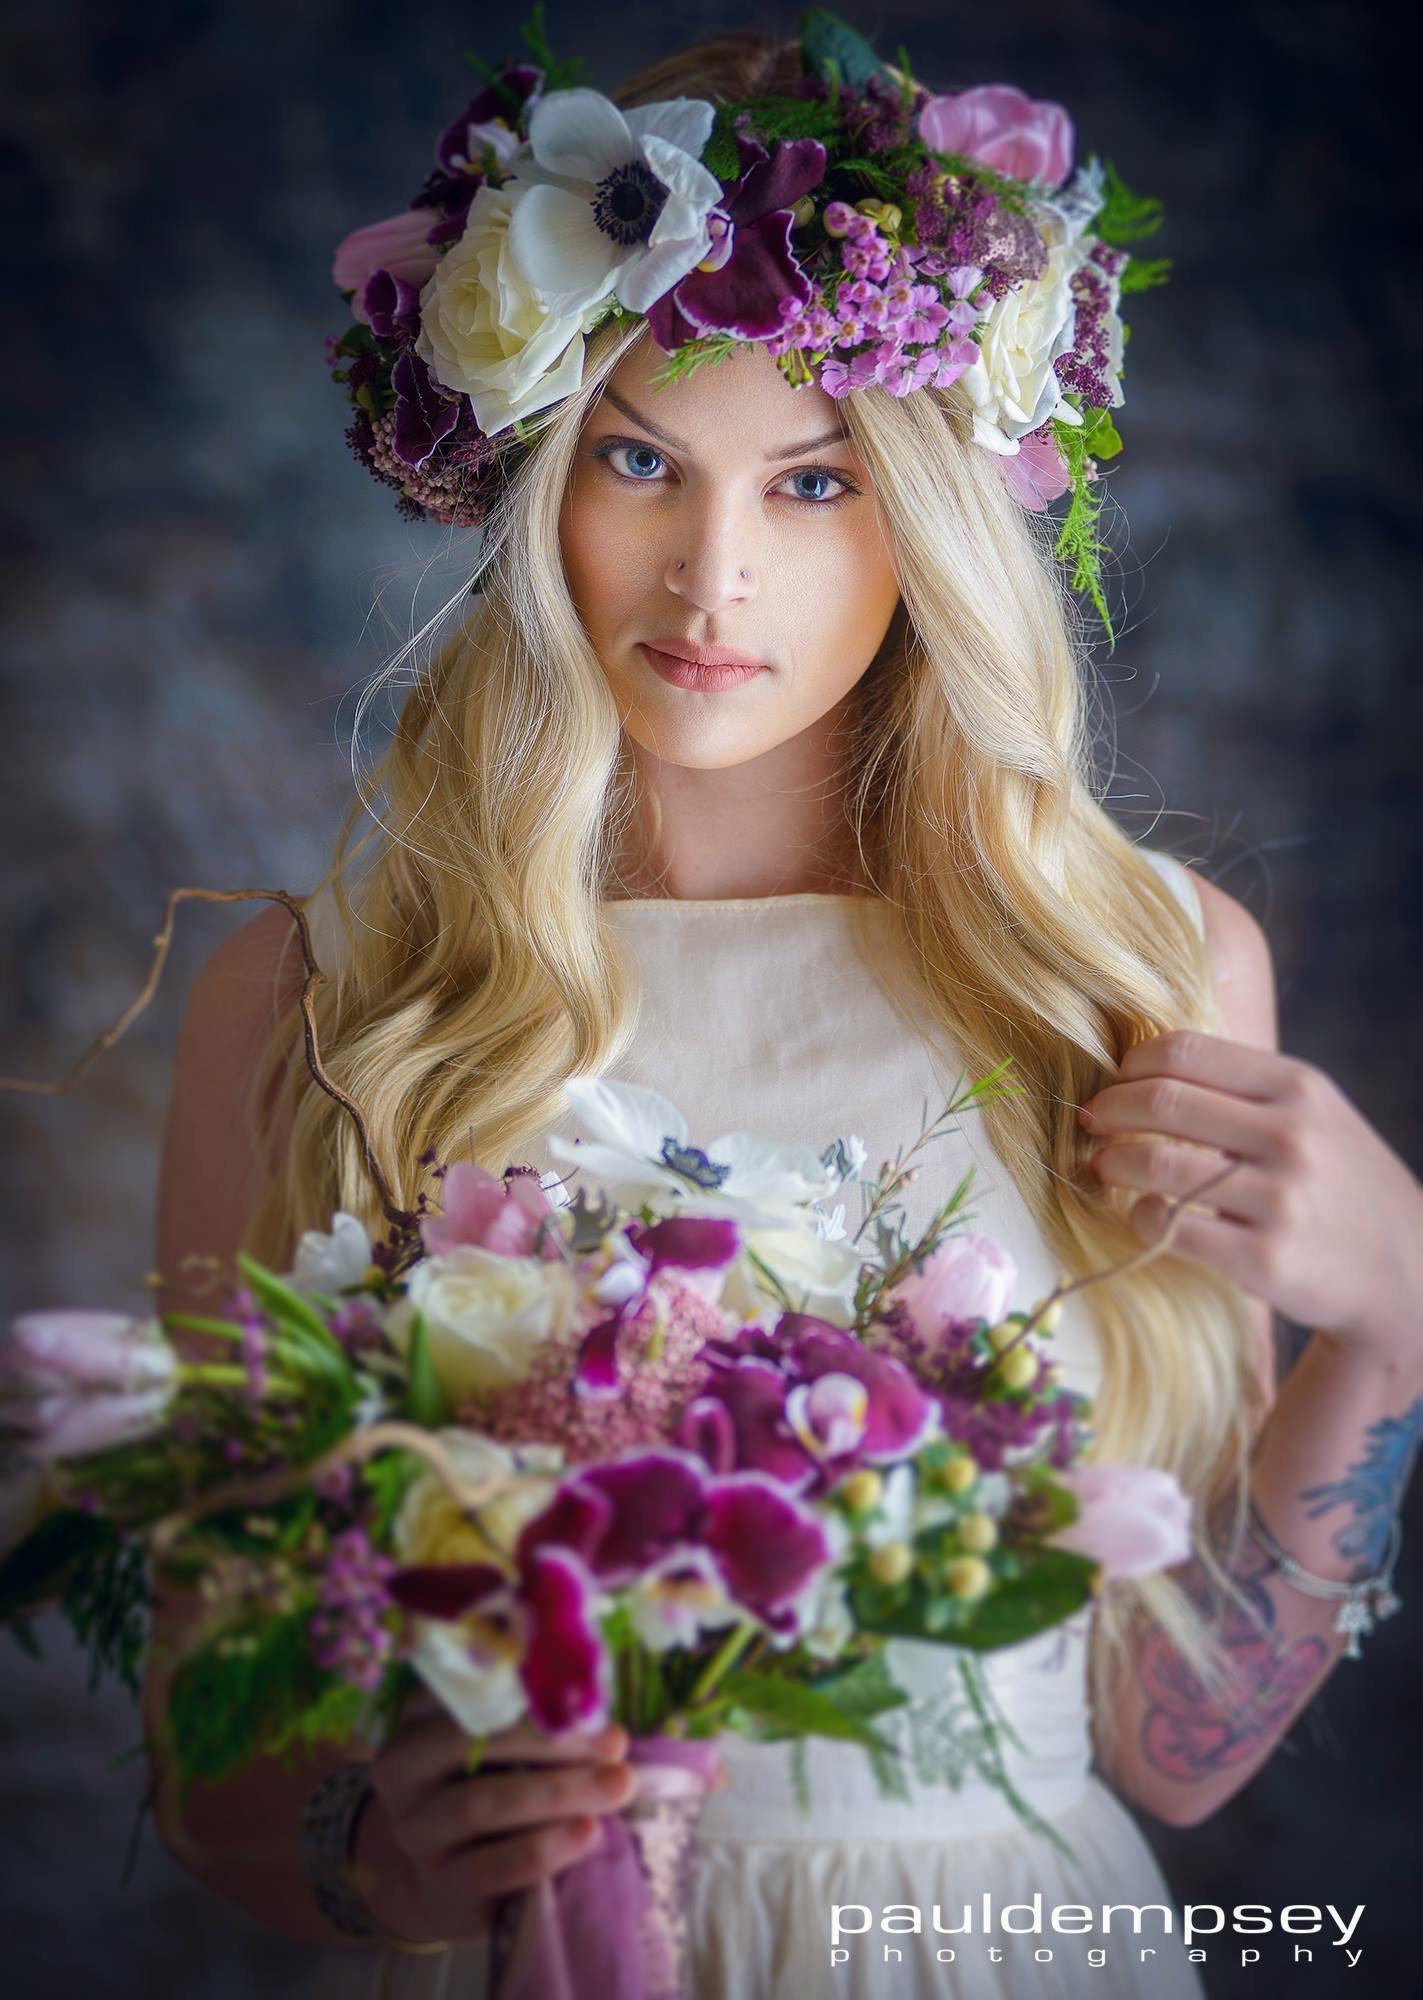 Sam's Floral Crown is ahhhhmazing! #springintheair